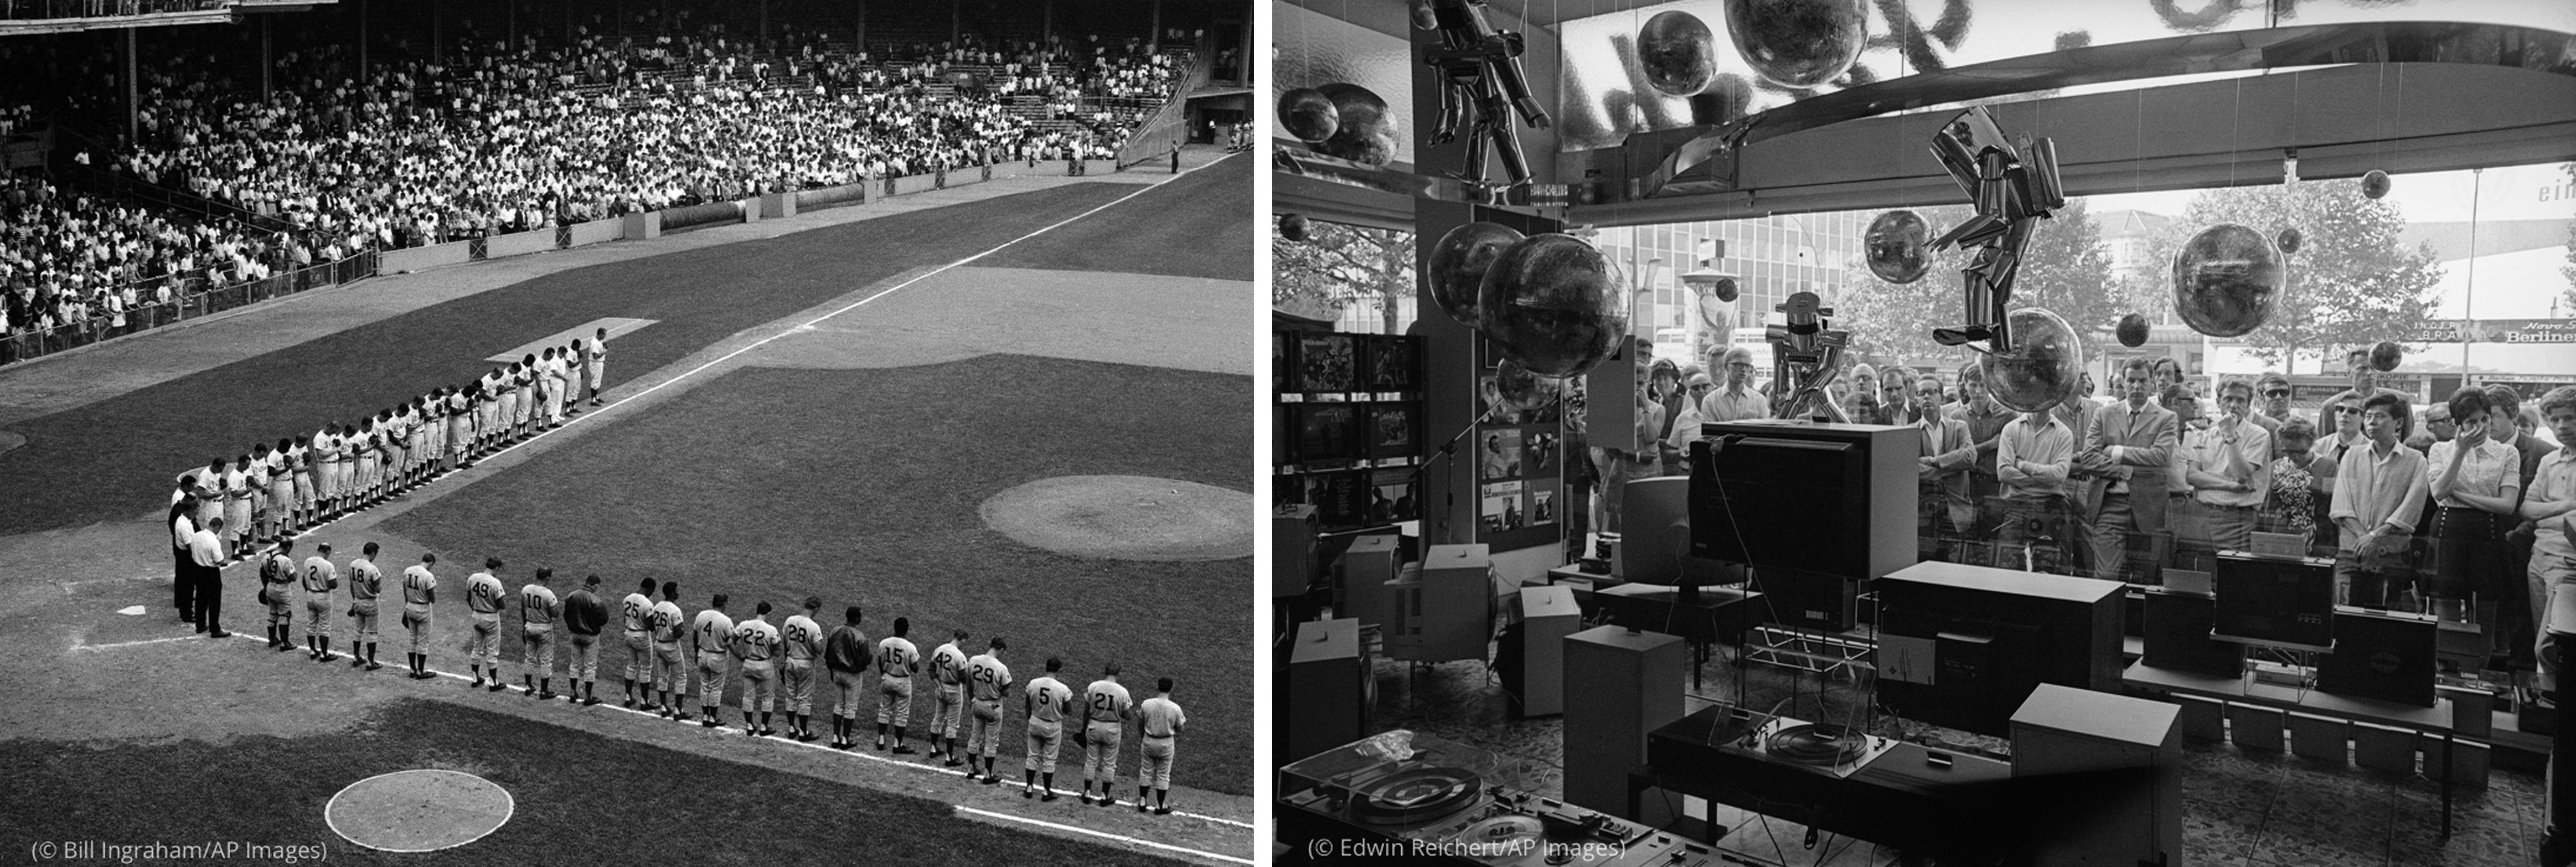 Foto de jugadores formados en un campo de béisbol (© Bill Ingraham/AP Images) junto a una foto de una multitud que mira la televisión a través de la ventana del escaparate de una tienda (© Edwin Reichert/AP Images)